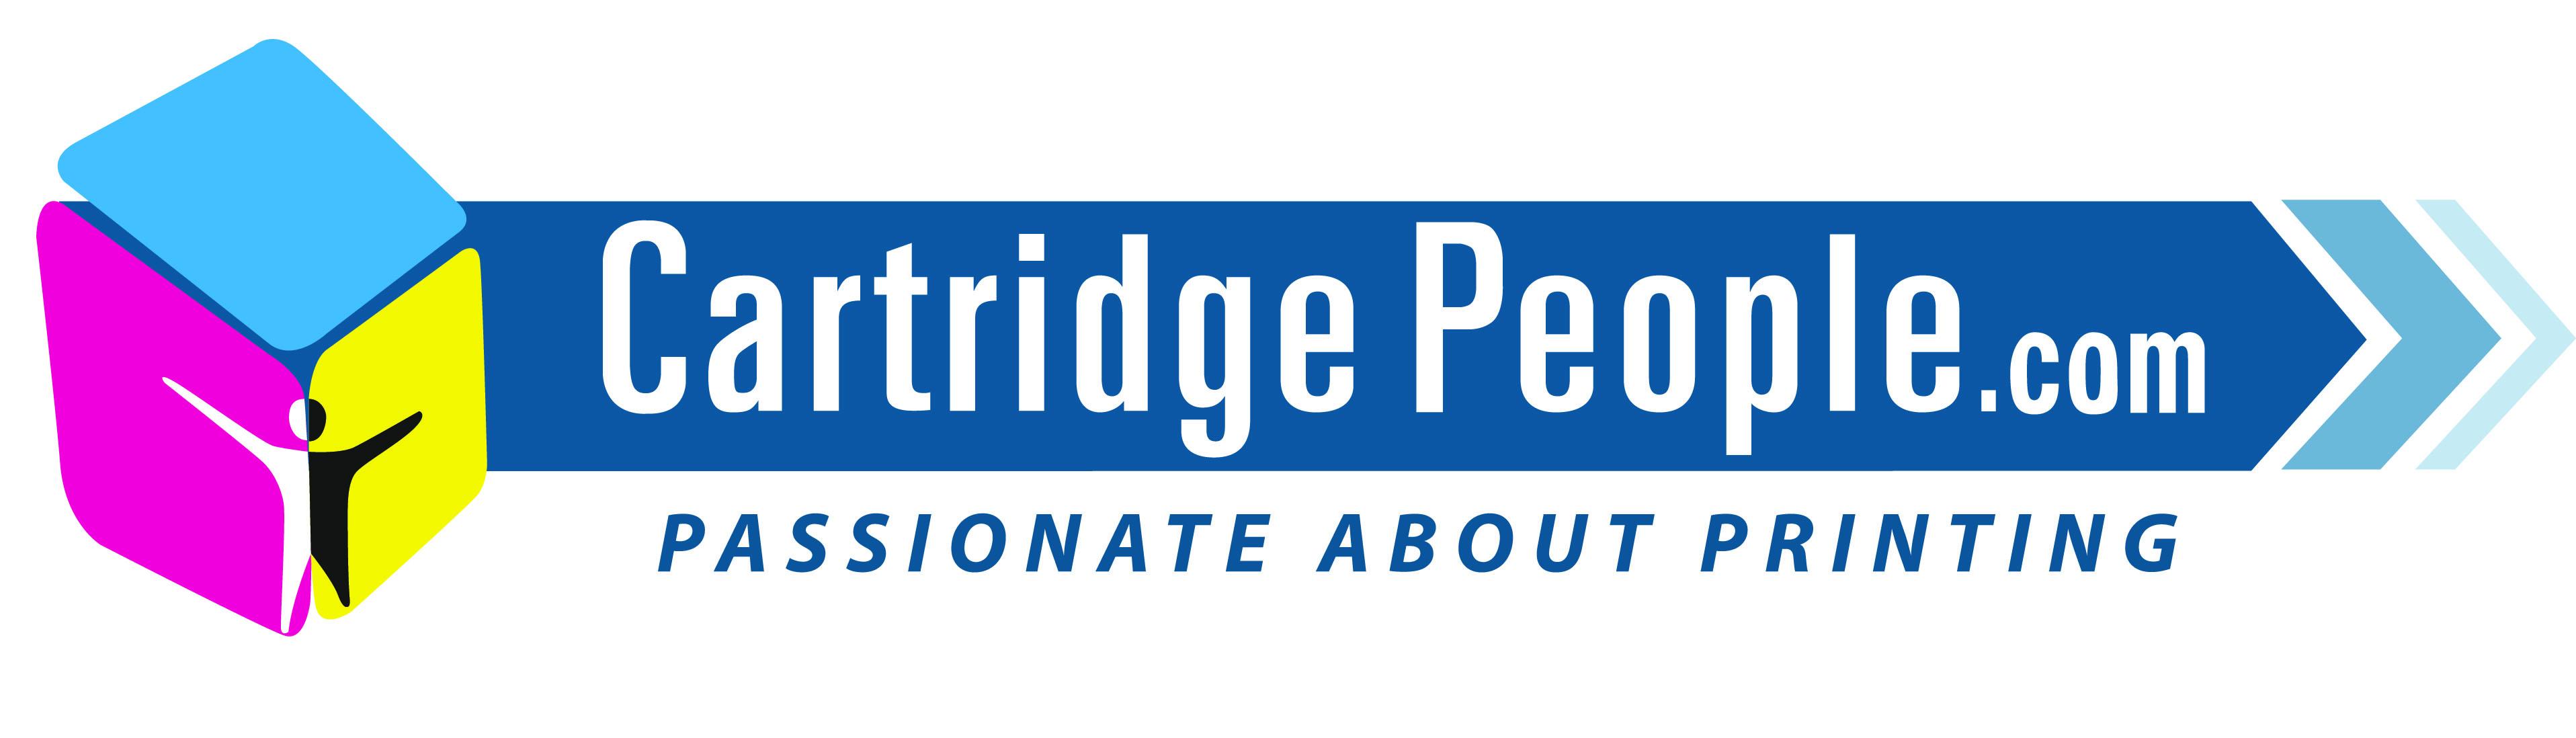 Read Cartridge People Reviews